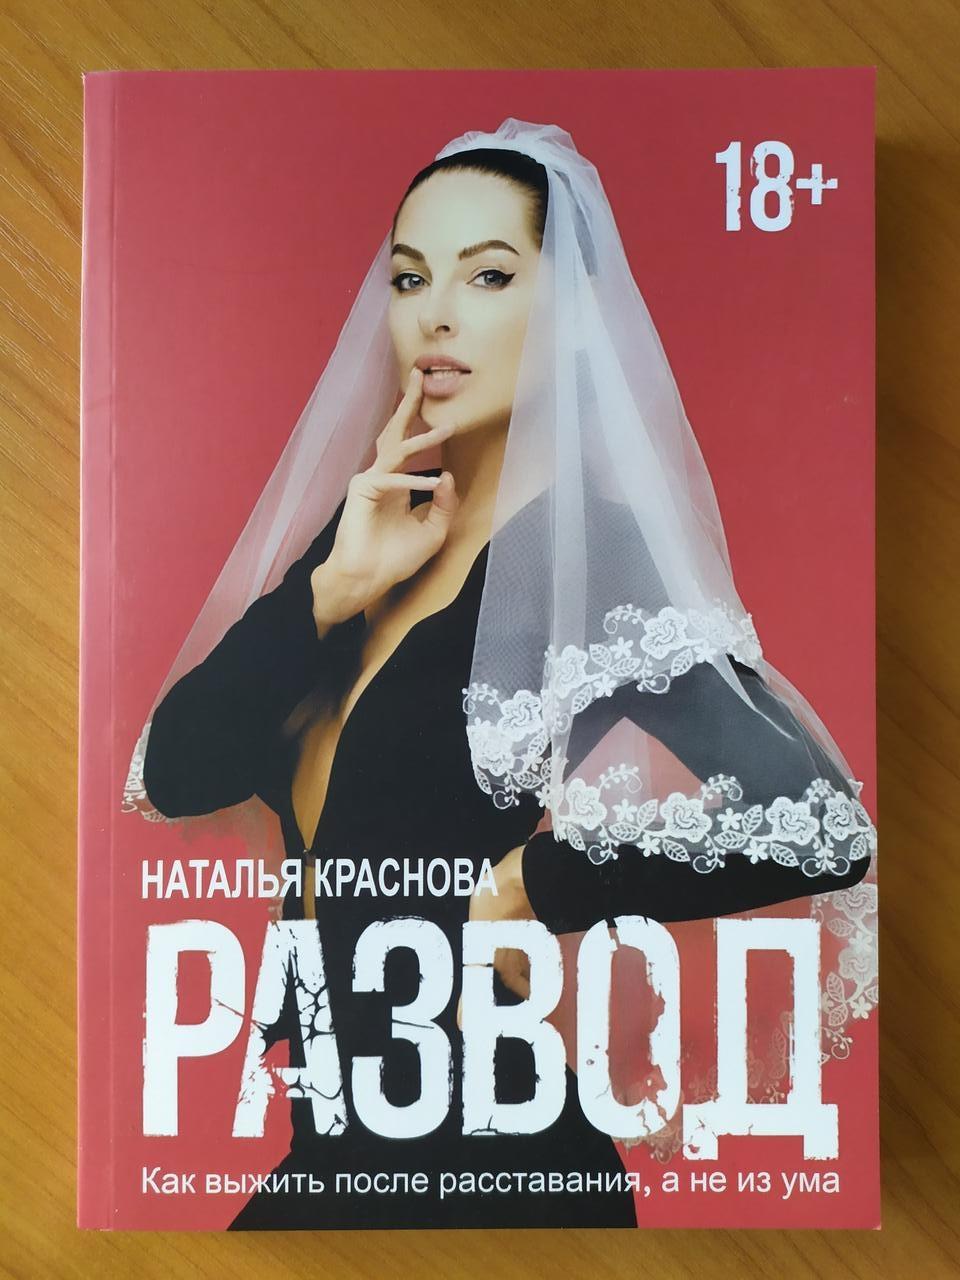 Наталья Краснова. Развод. Как выжить после расставания, а не из ума